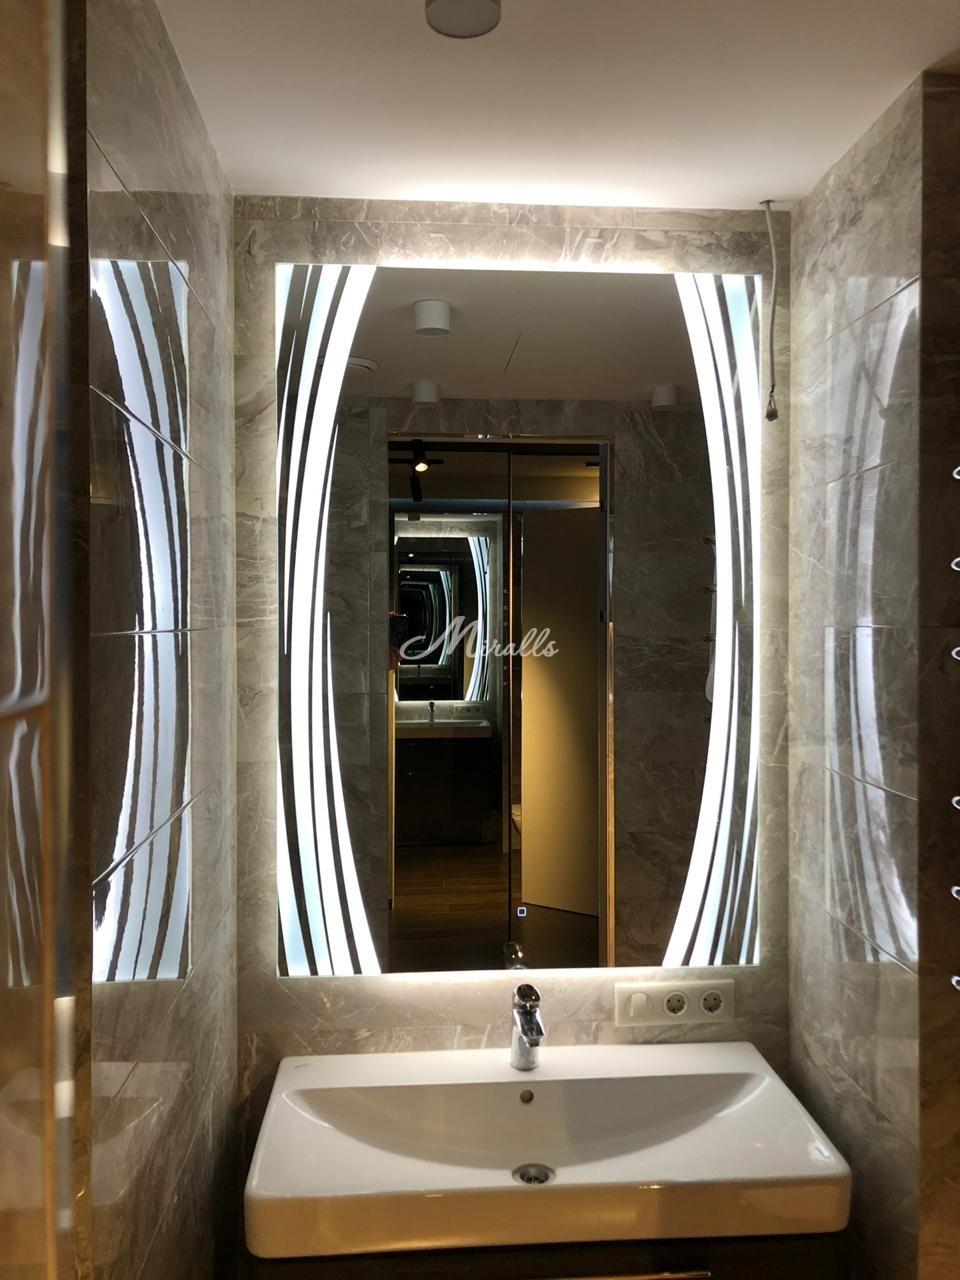 Зеркало с подсветкой Anastasia в ванной комнате частной квартиры